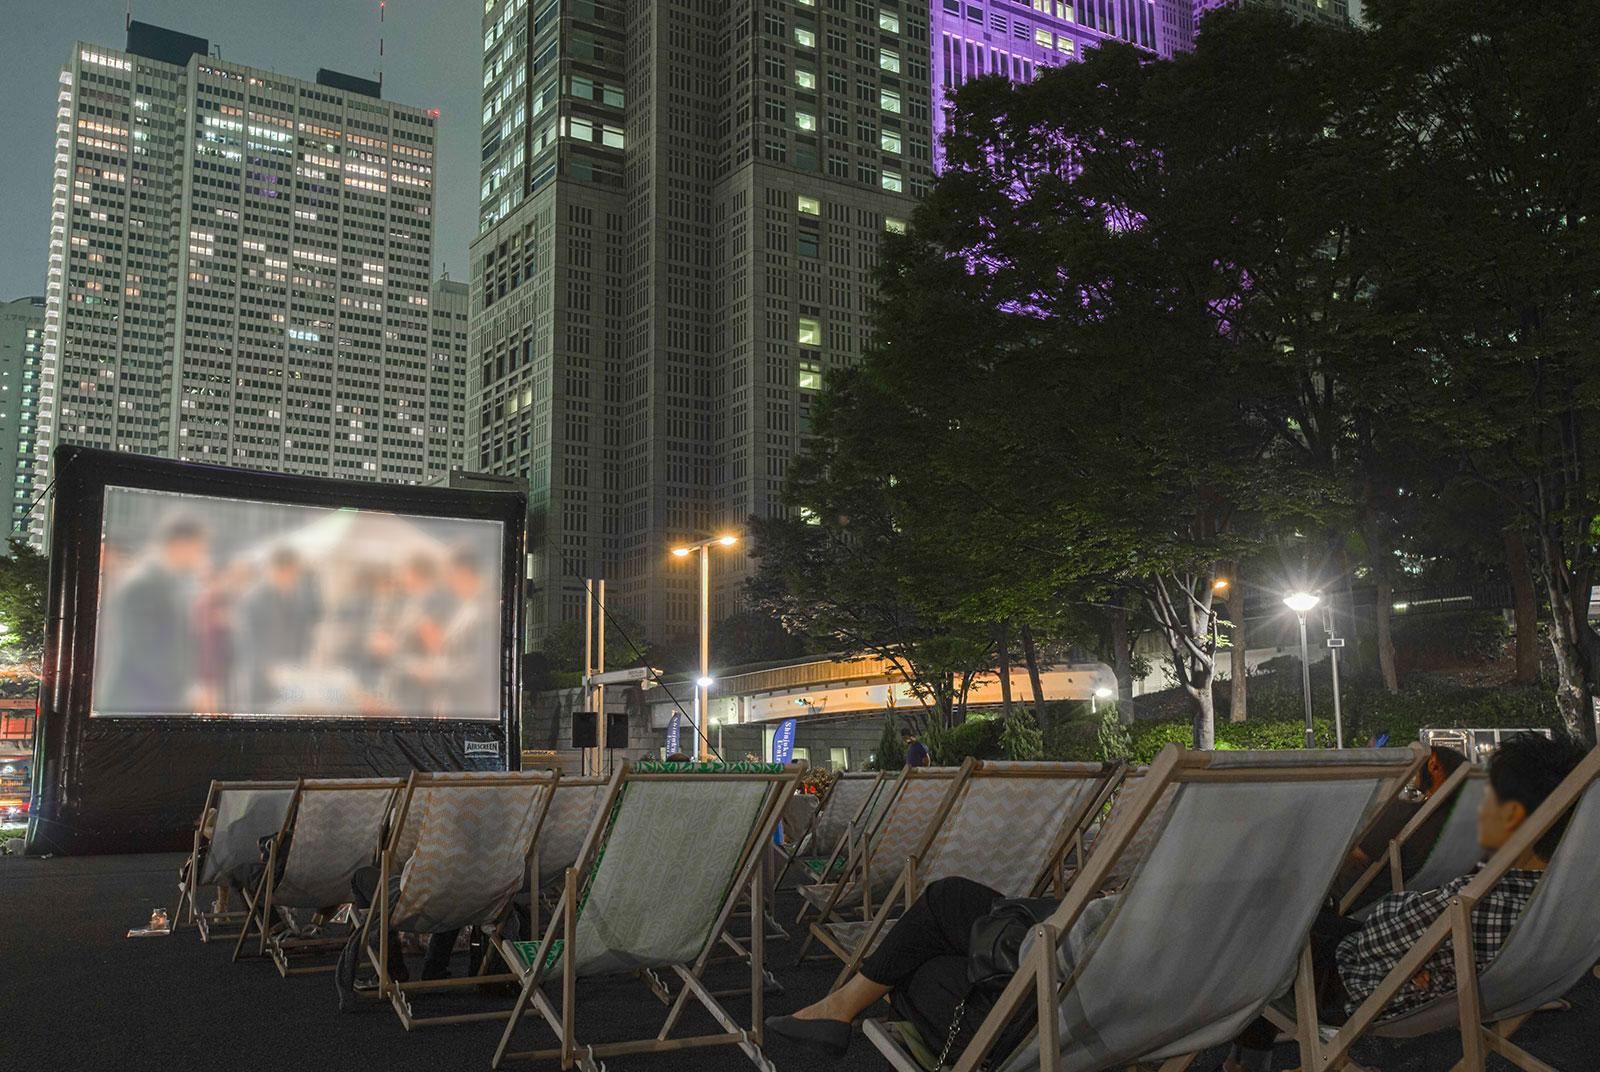 観覧席の様子(「新宿パークシネマフェスティバル」)